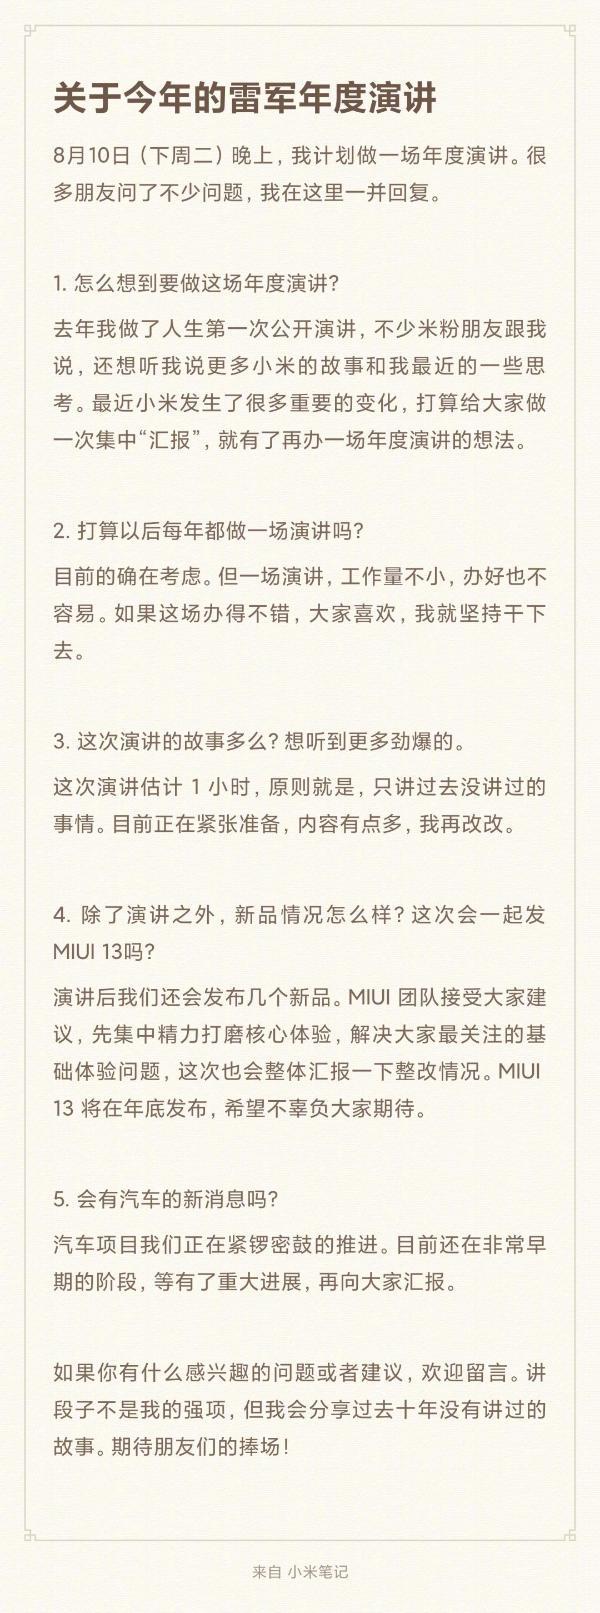 不止MIX 4!雷军爆猛料:MIUI 13发布时间定了